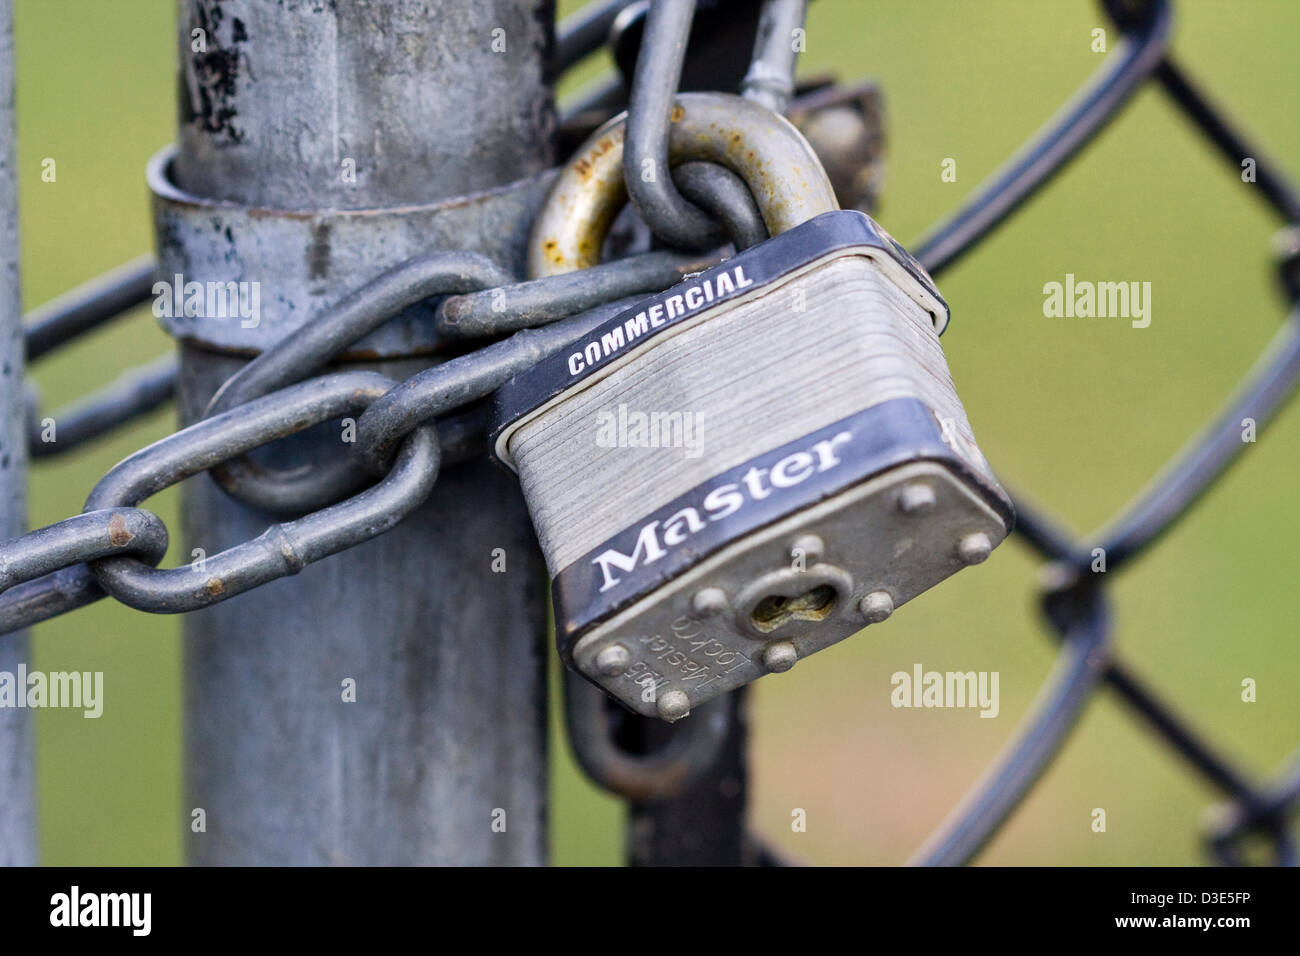 Das Tor von einem Maschendrahtzaun gesichert mit einem No5 ...